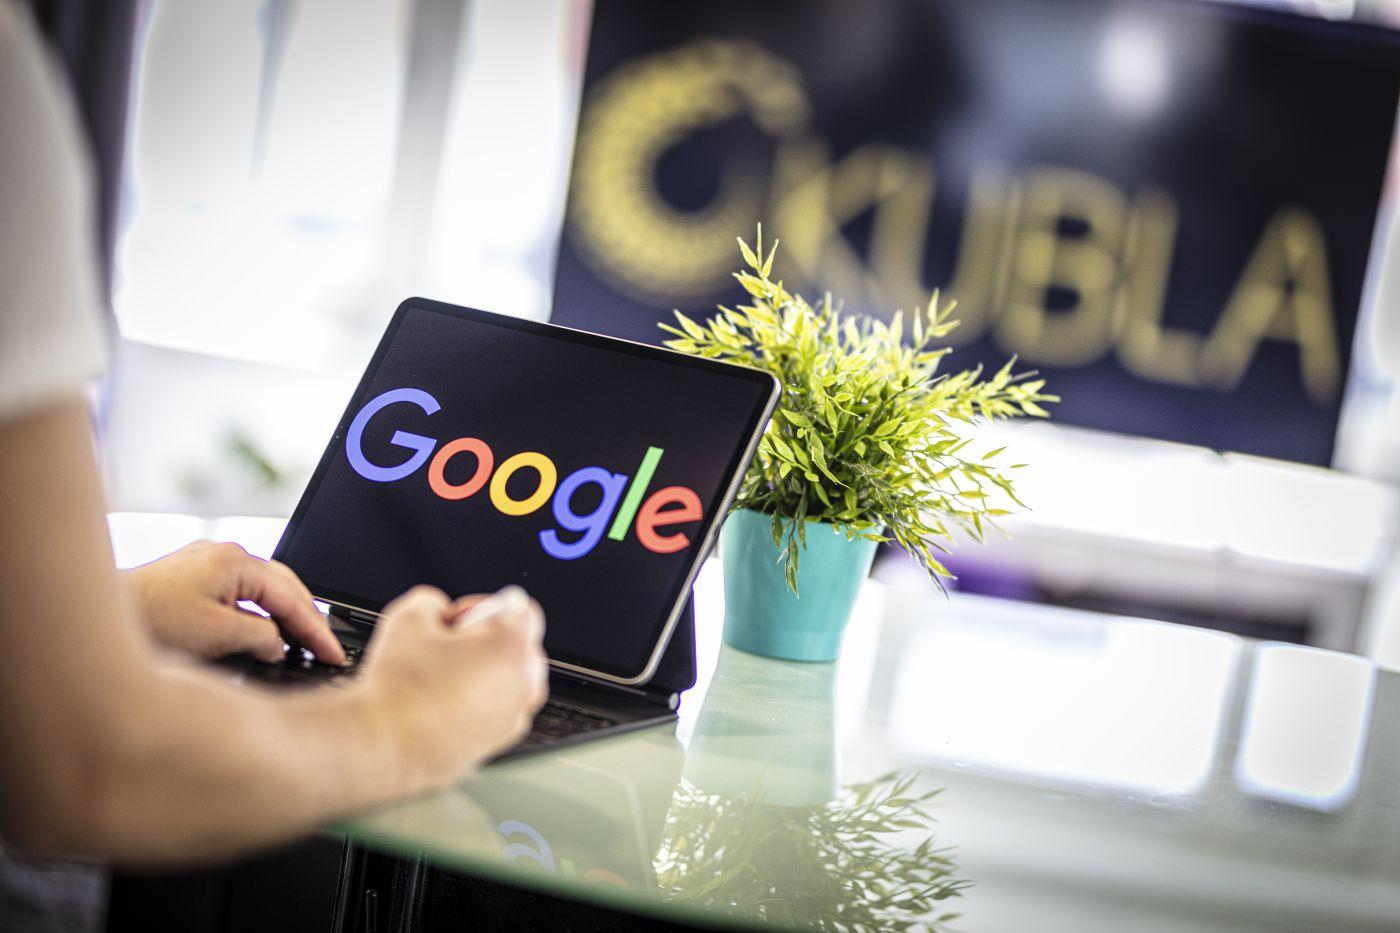 Mikä on Google?